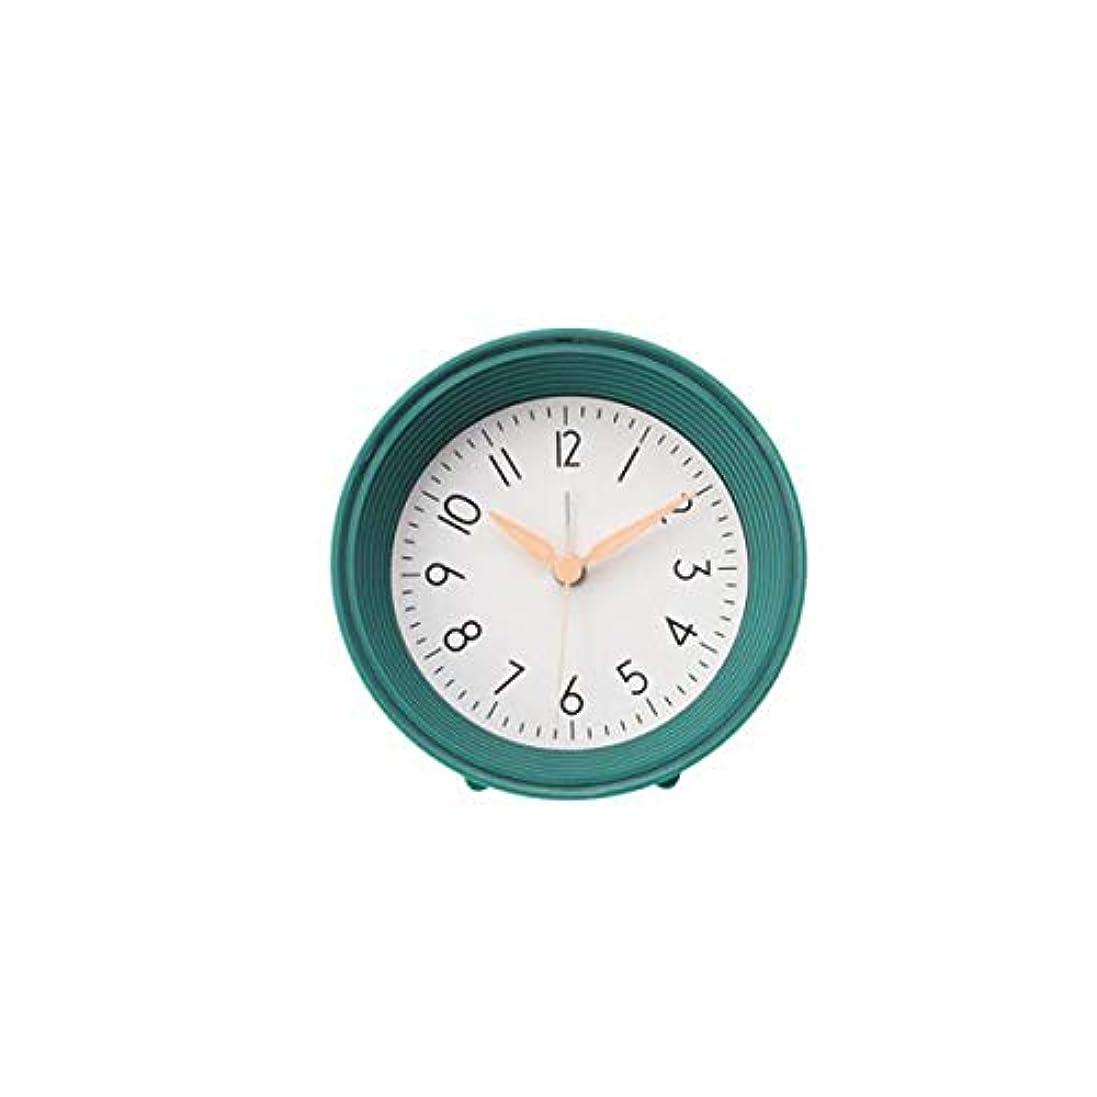 可塑性例示する最適Qiyuezhuangshi001 目覚まし時計、機械式ベルクロック、北欧スタイルのサイレントパット目覚まし時計、寝室のベッドサイドクロックに適し、ピンク、 材料の安全性 (Color : Green)